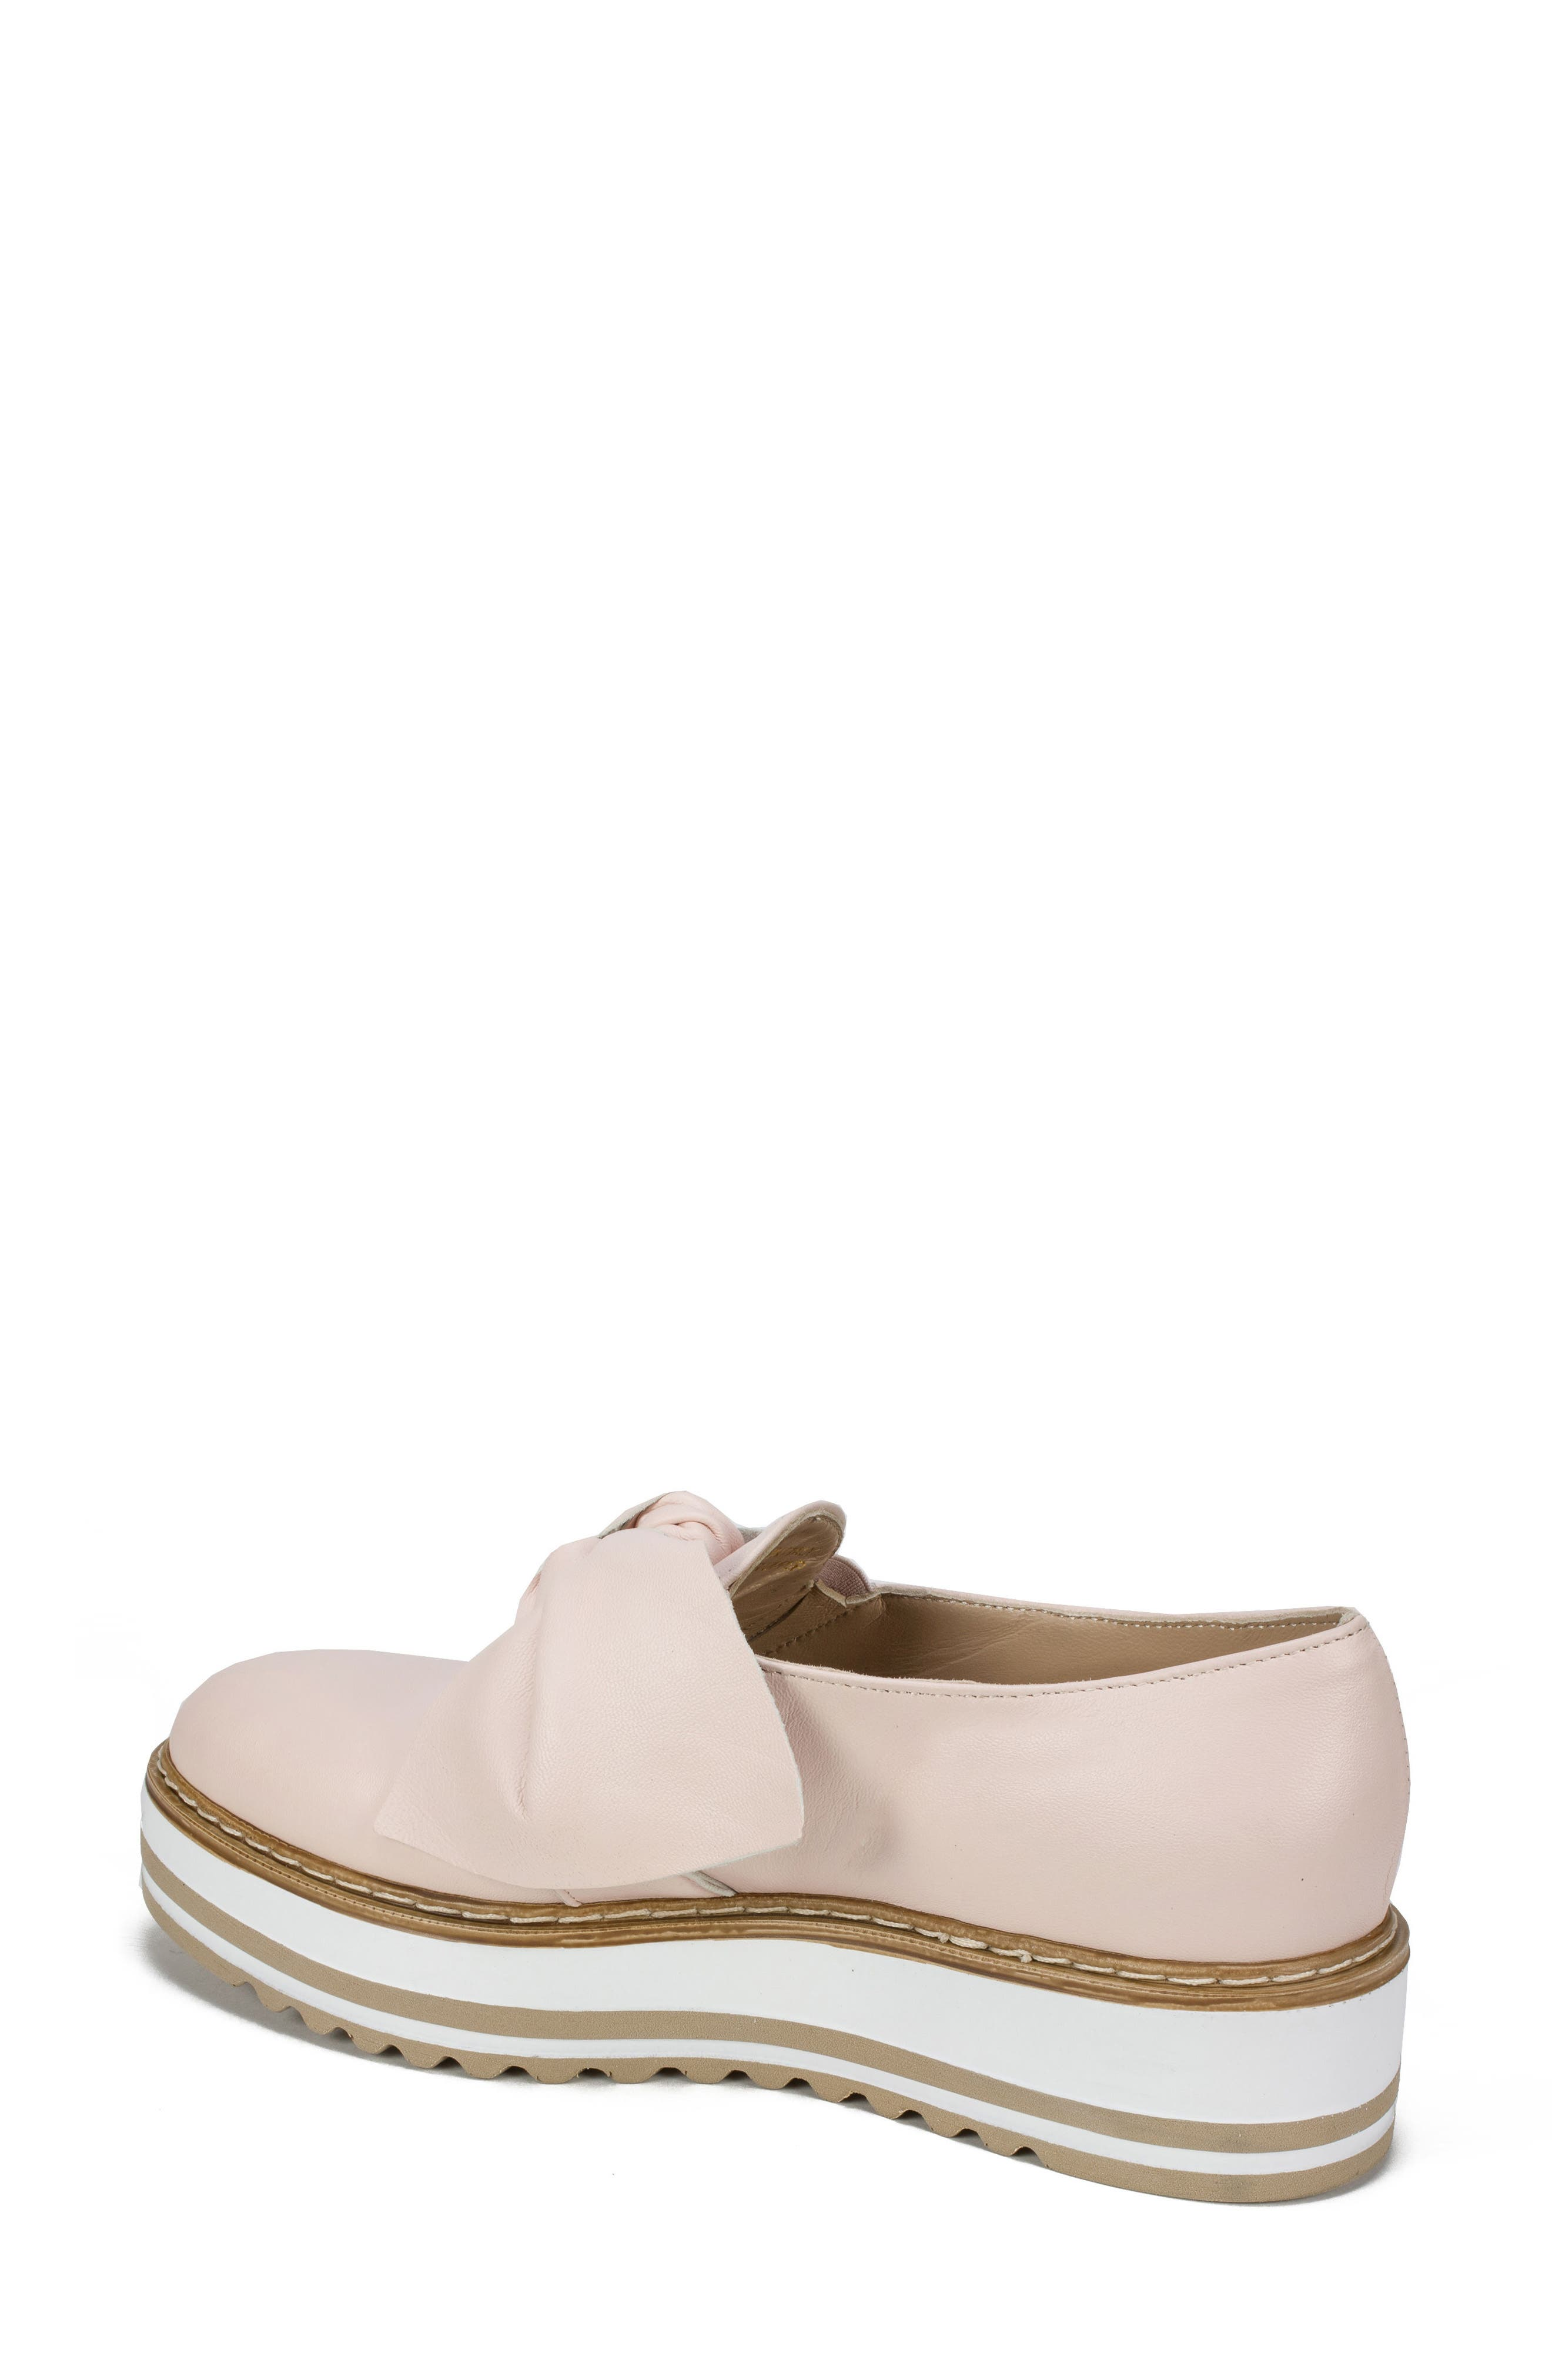 Bella Platform Loafer,                             Alternate thumbnail 2, color,                             Pink Leather